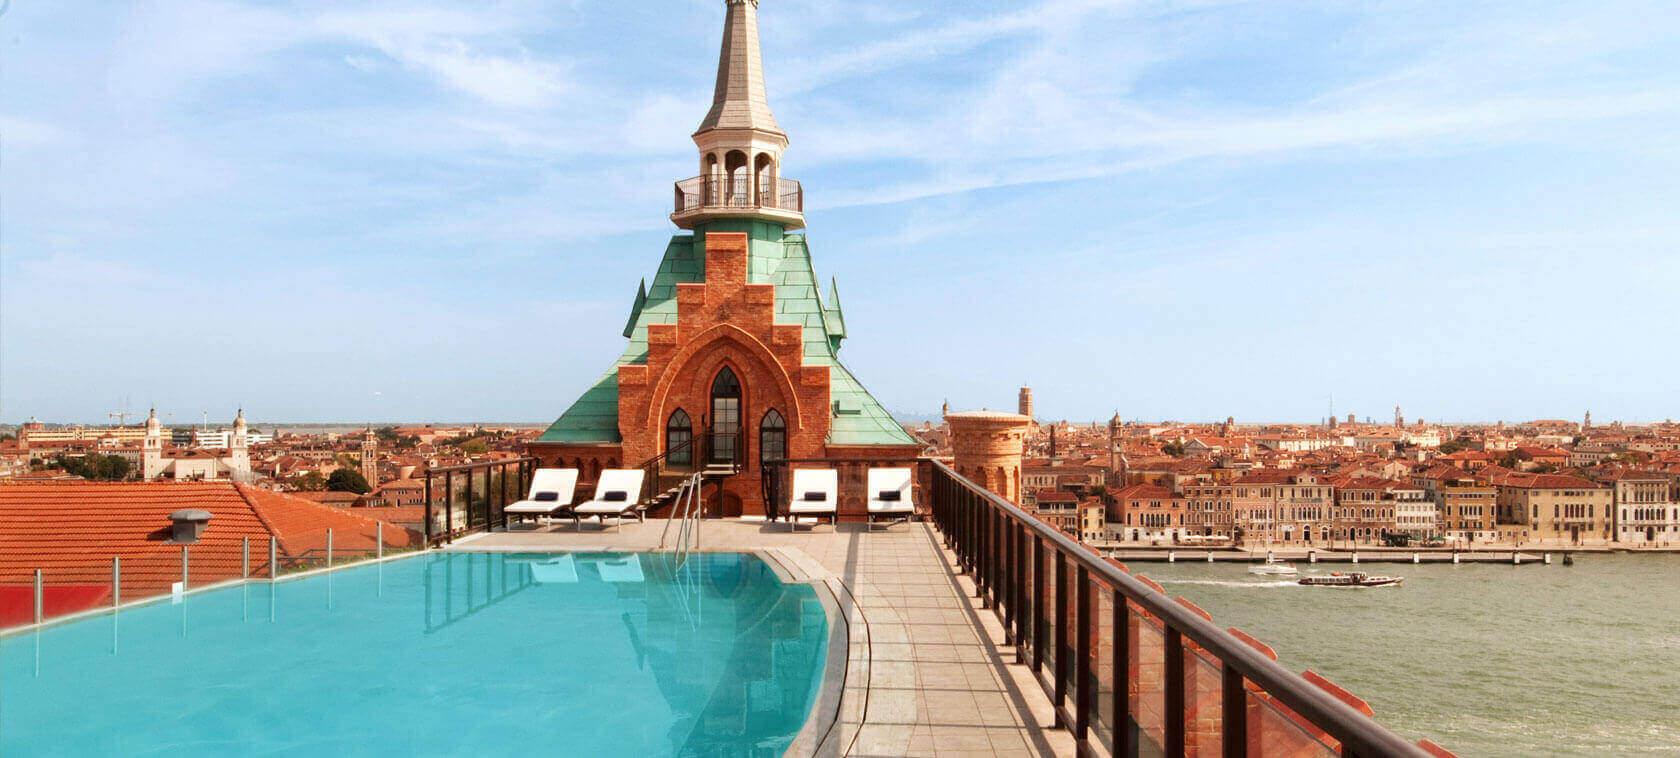 8 piscine mozzafiato da nord a sud italia - Piscine roma nord ...